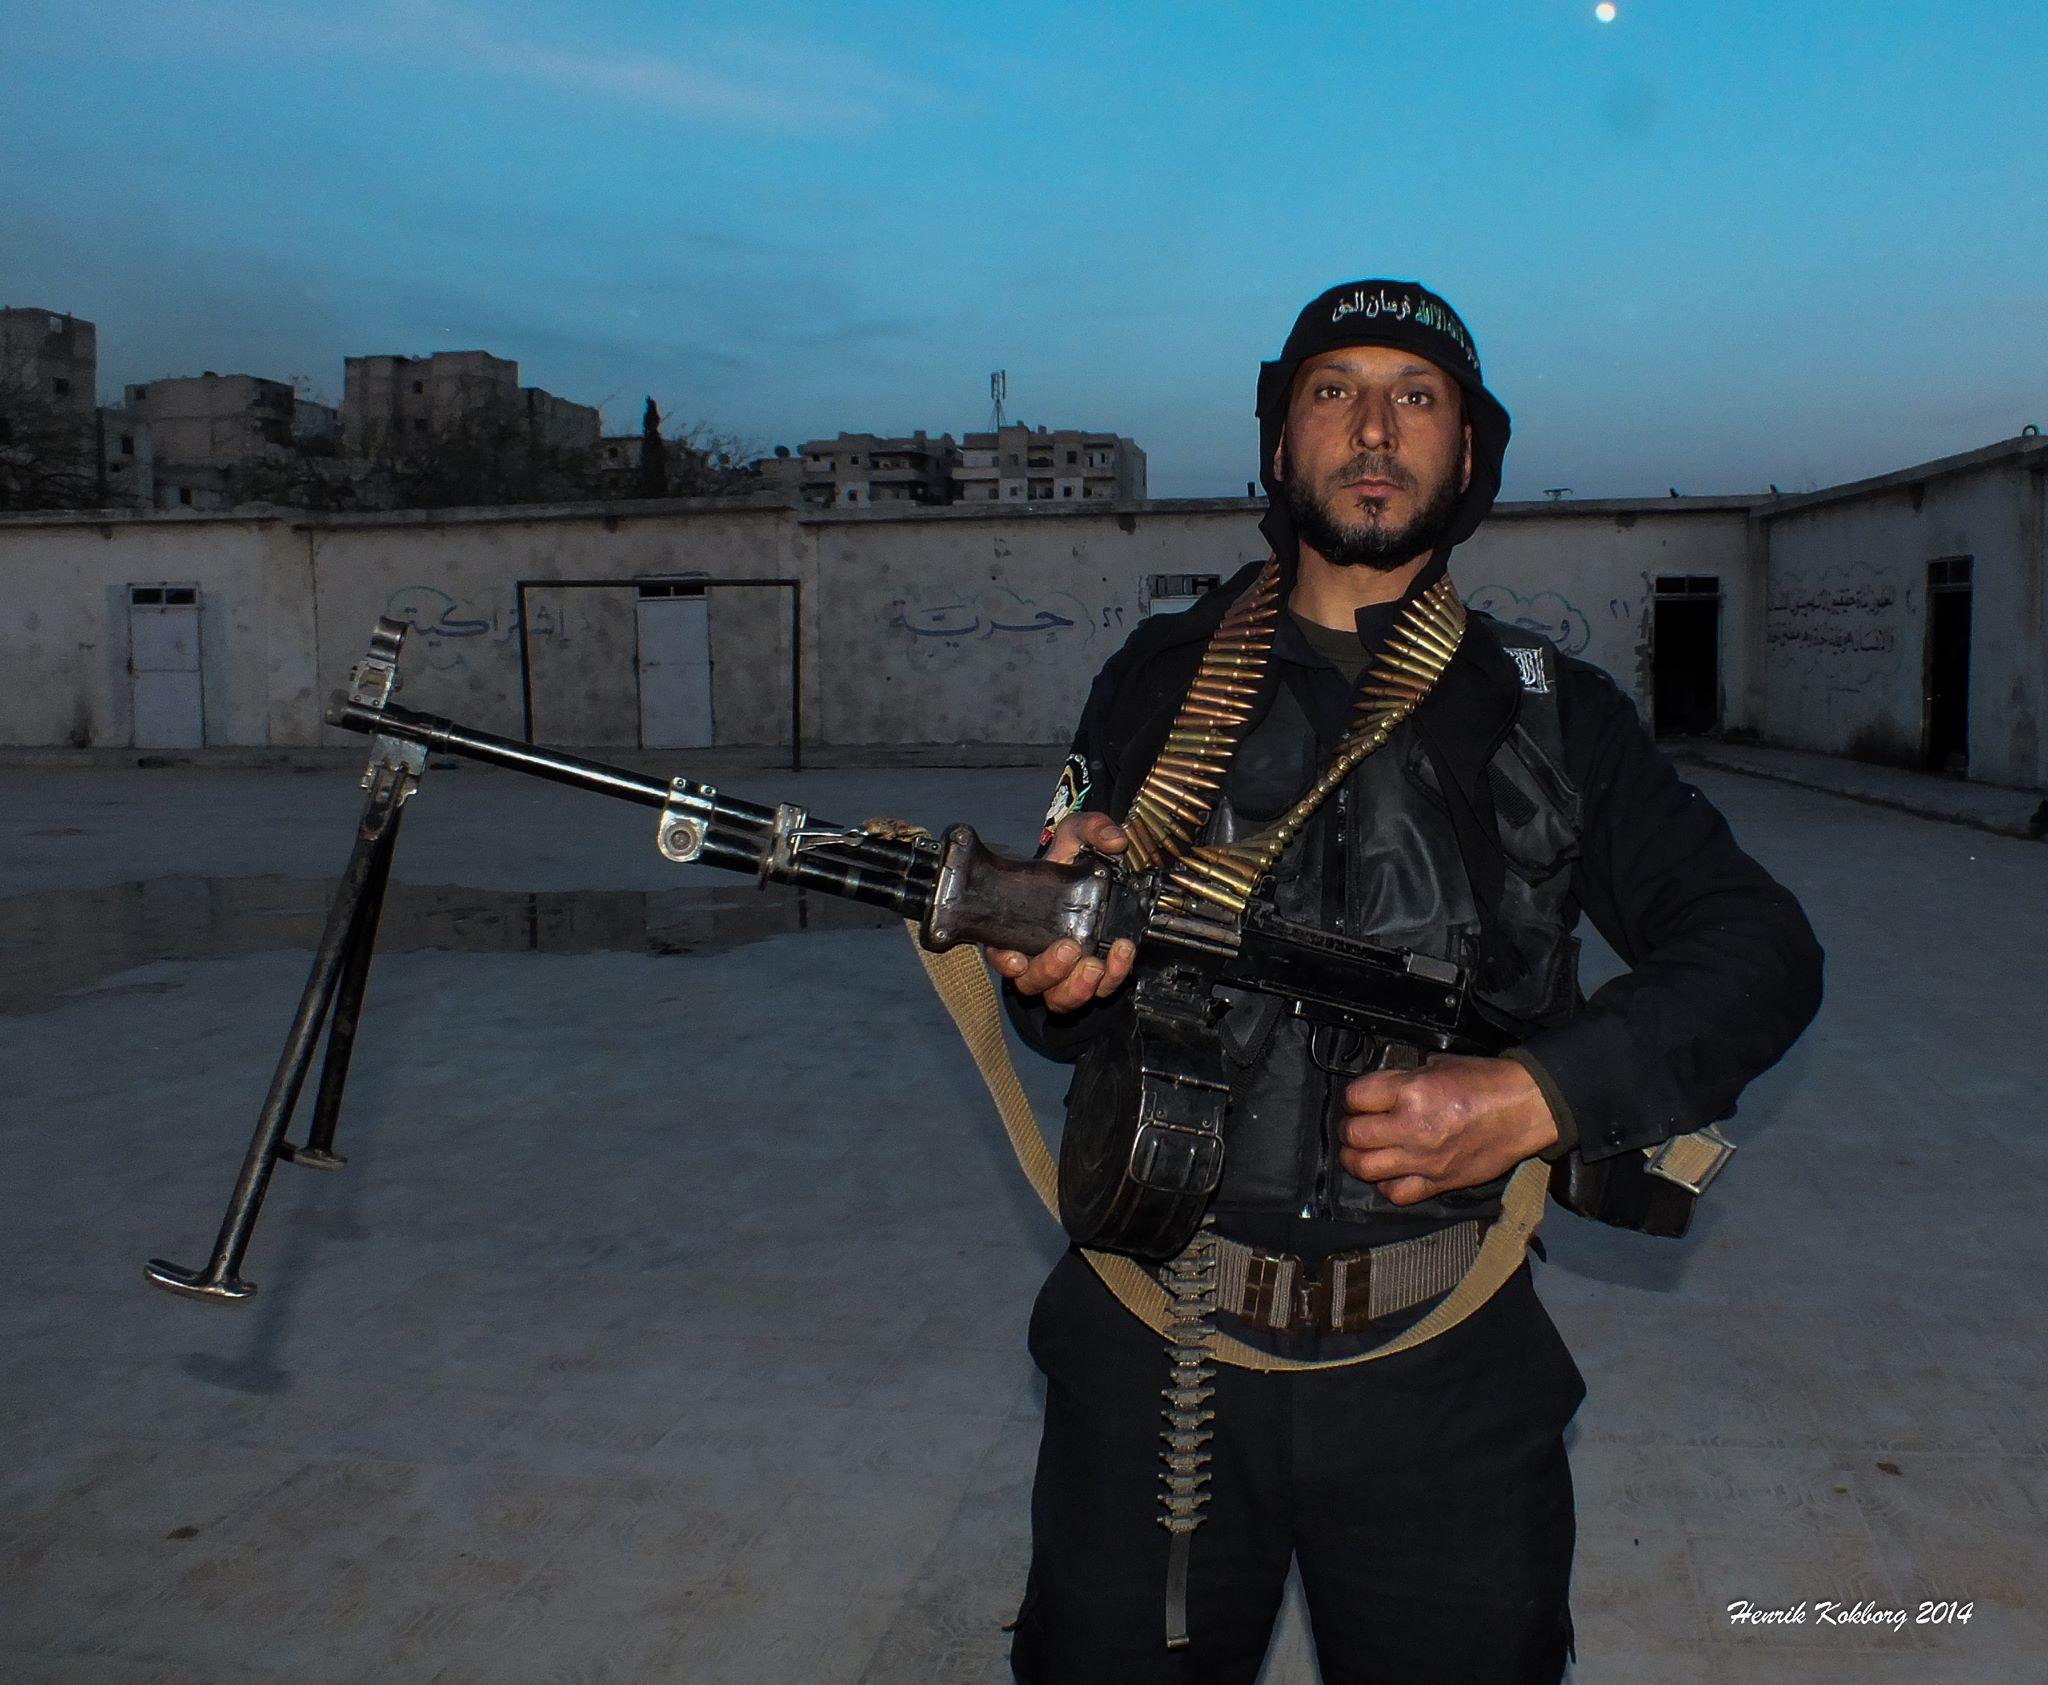 Forebyggelse af ekstremisme og radikalisering